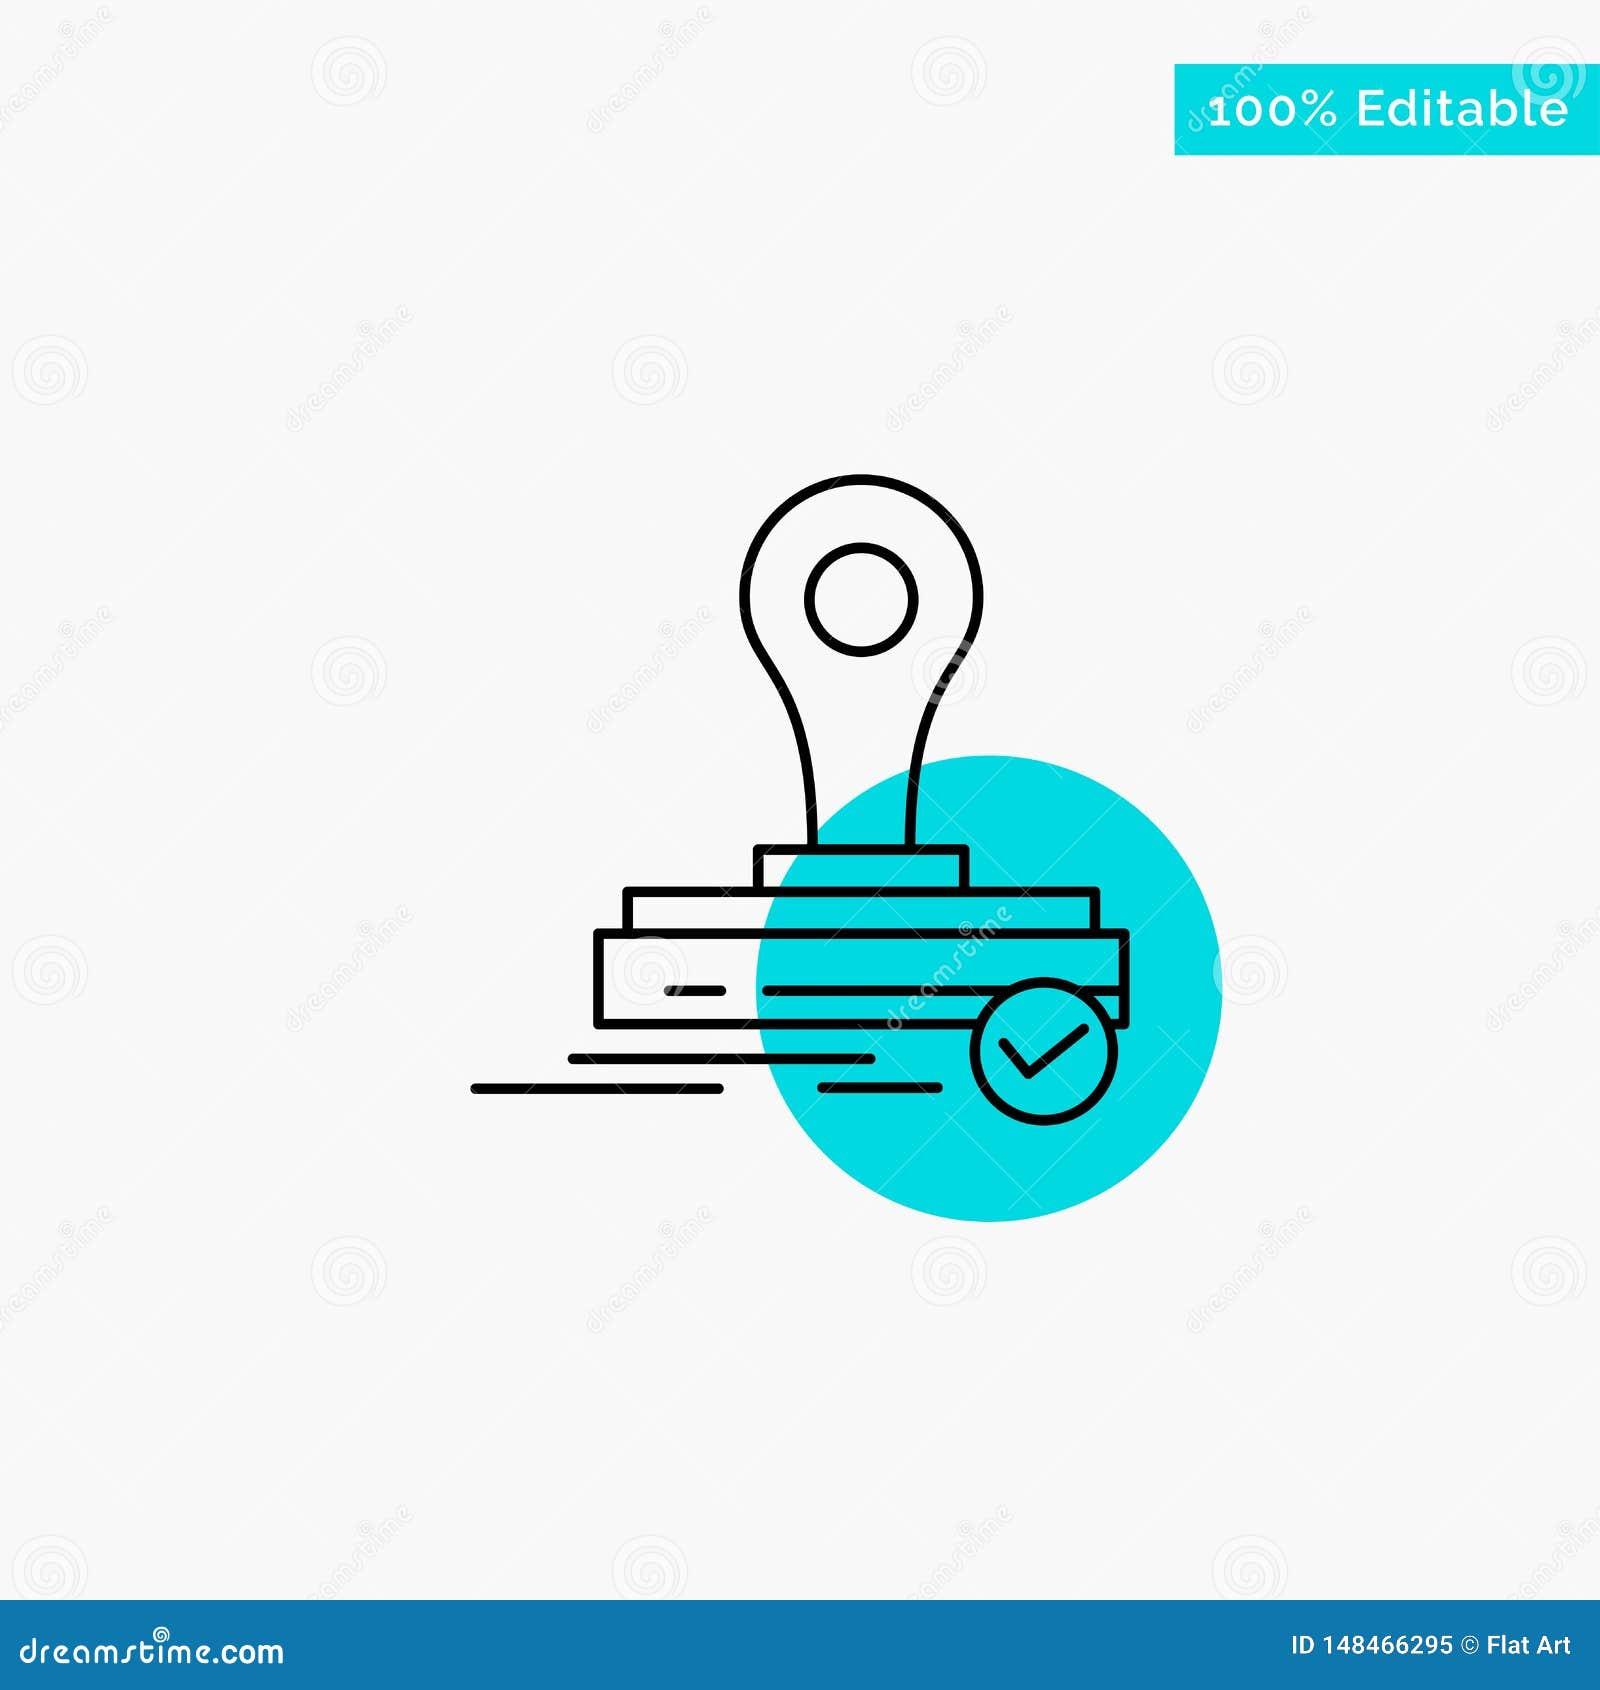 Selo, clone, imprensa, ícone do vetor do ponto do círculo do destaque de turquesa do logotipo